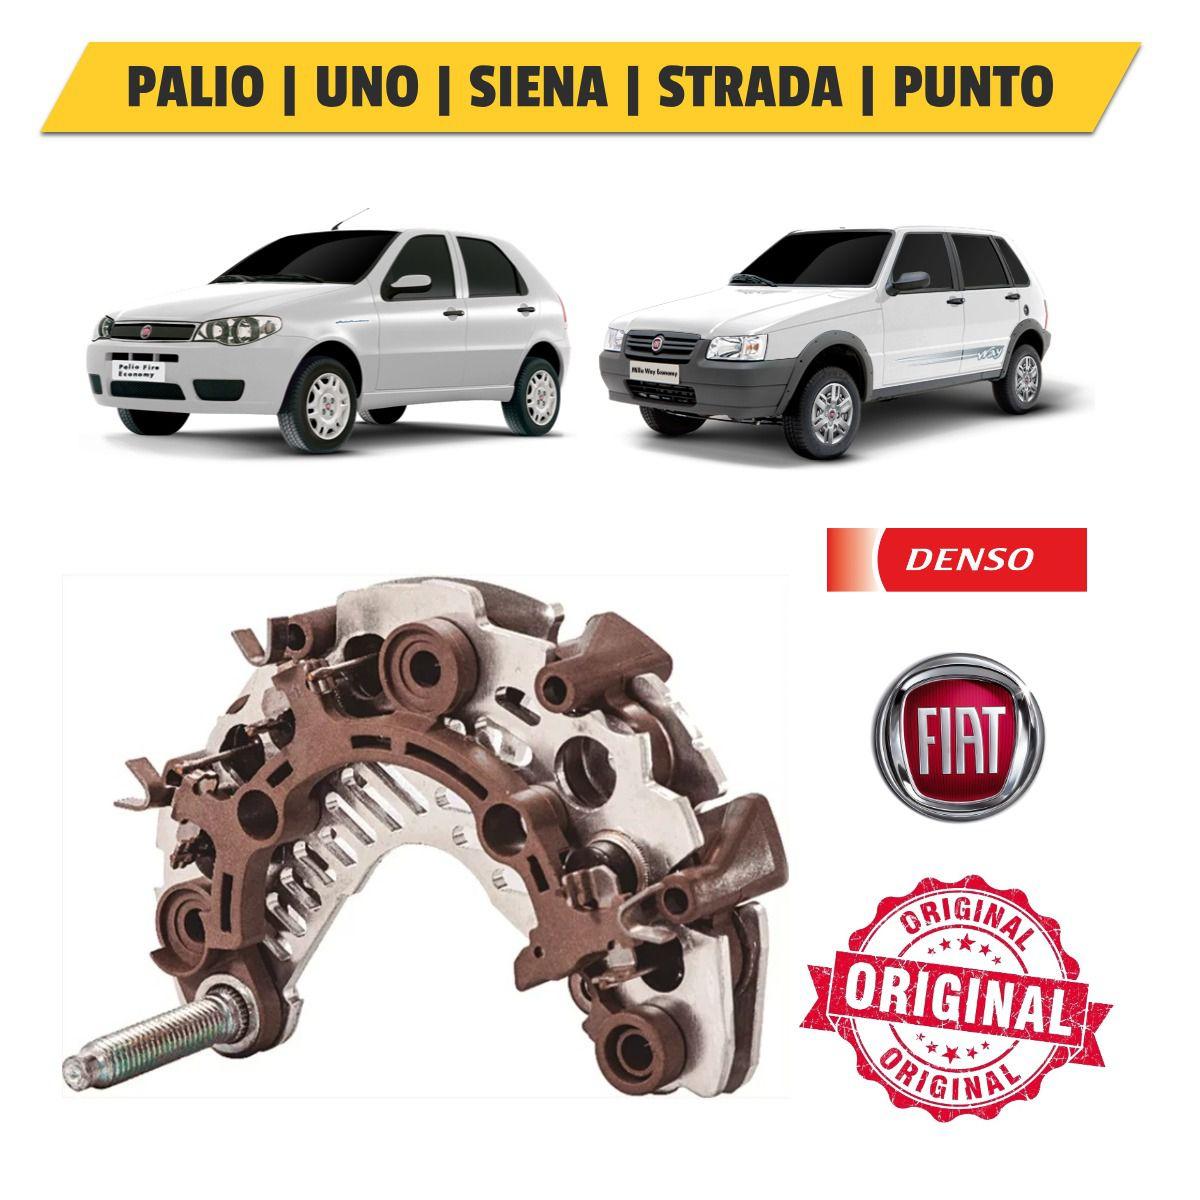 Ponte Retificadora Fiat Motor Fire 1.0 e 1.4 2009-17 - Denso